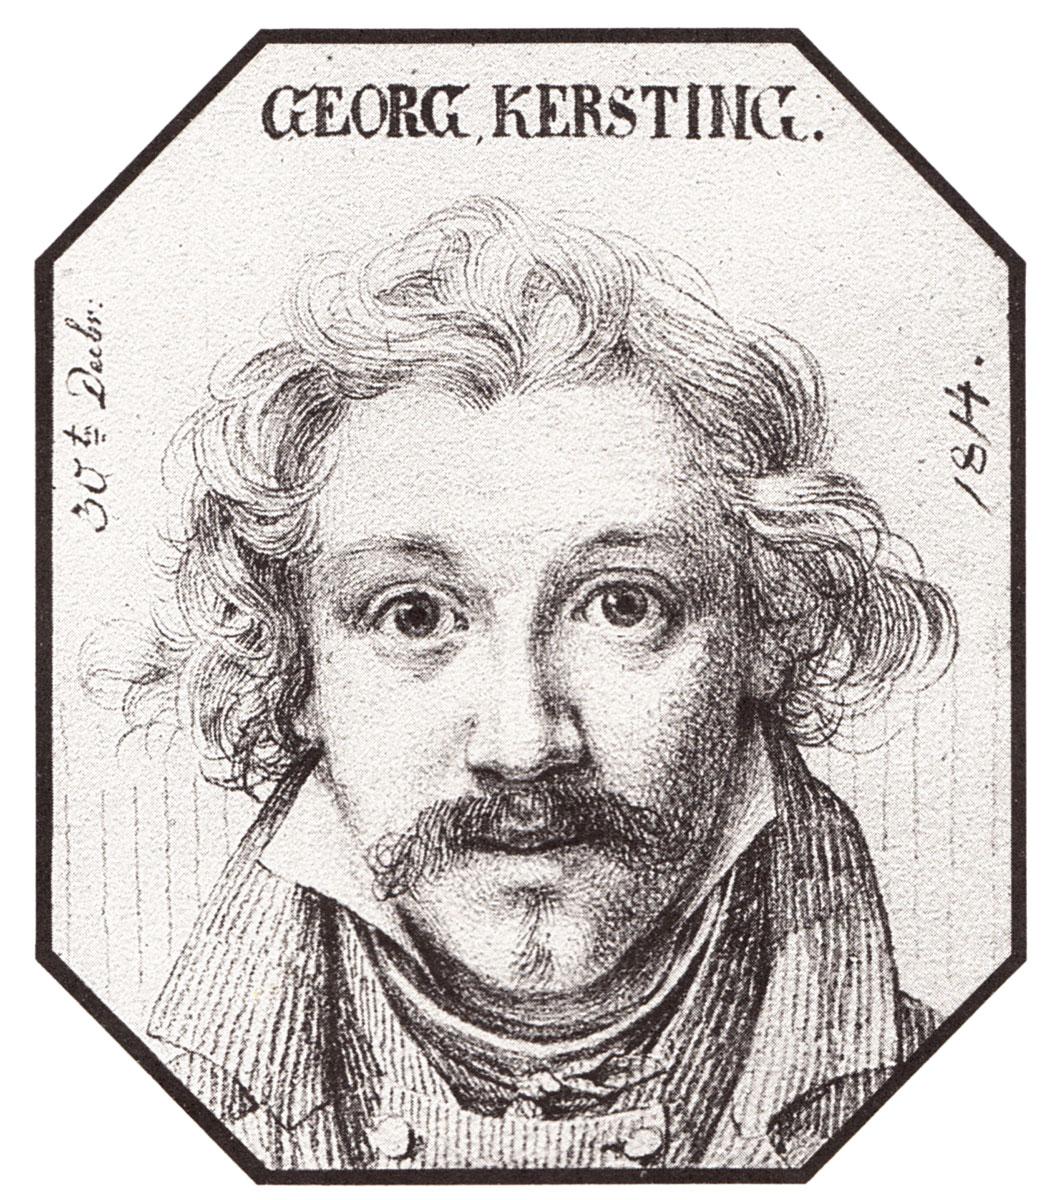 Georg Friedrich Kersting, Selbstbildnis aus dem Carus-Album, einer Porträtsammlung von Künstlerbildnissen des 18. und 19. Jahrhunderts, 1814; Städtische Galerie Dresden